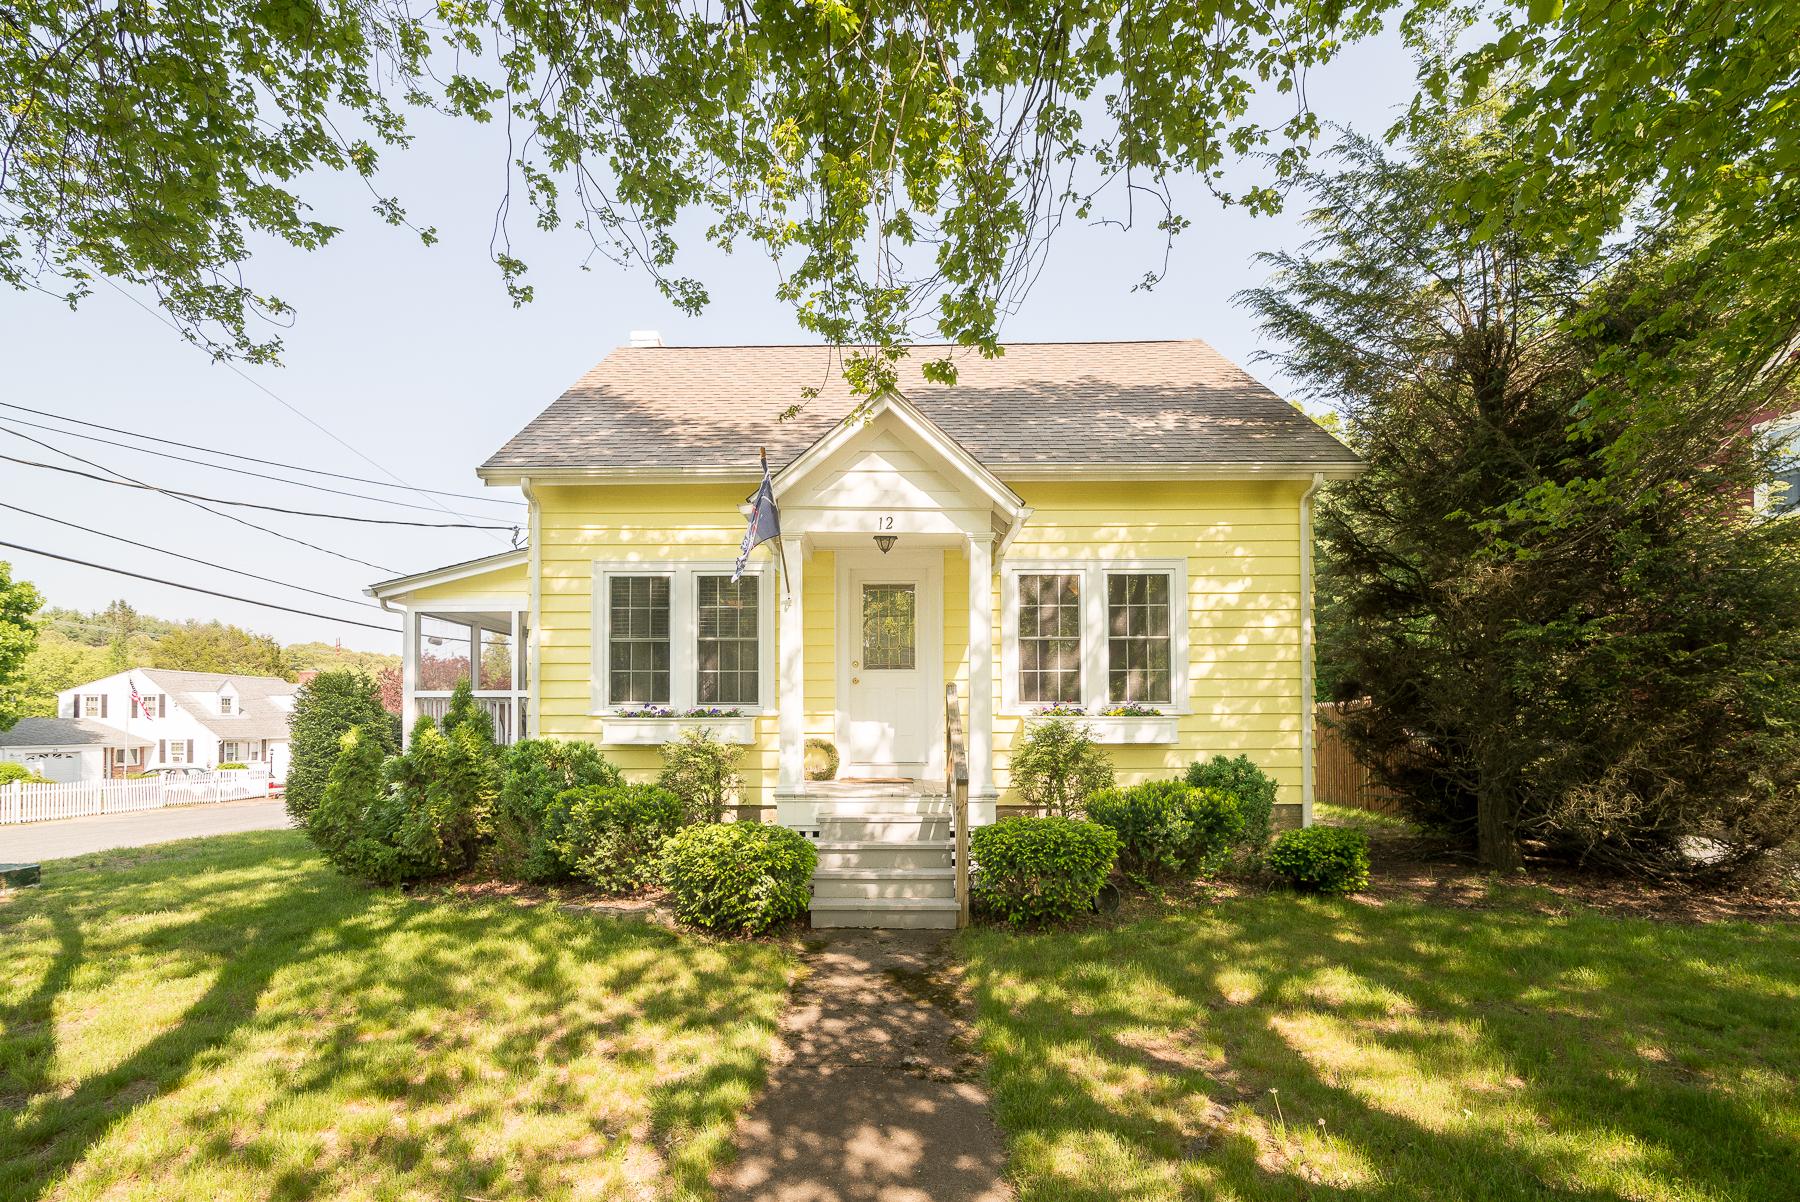 Casa Unifamiliar por un Venta en 12 Maple Av, North Smithfield, RI North Smithfield, Rhode Island, 02865 Estados Unidos